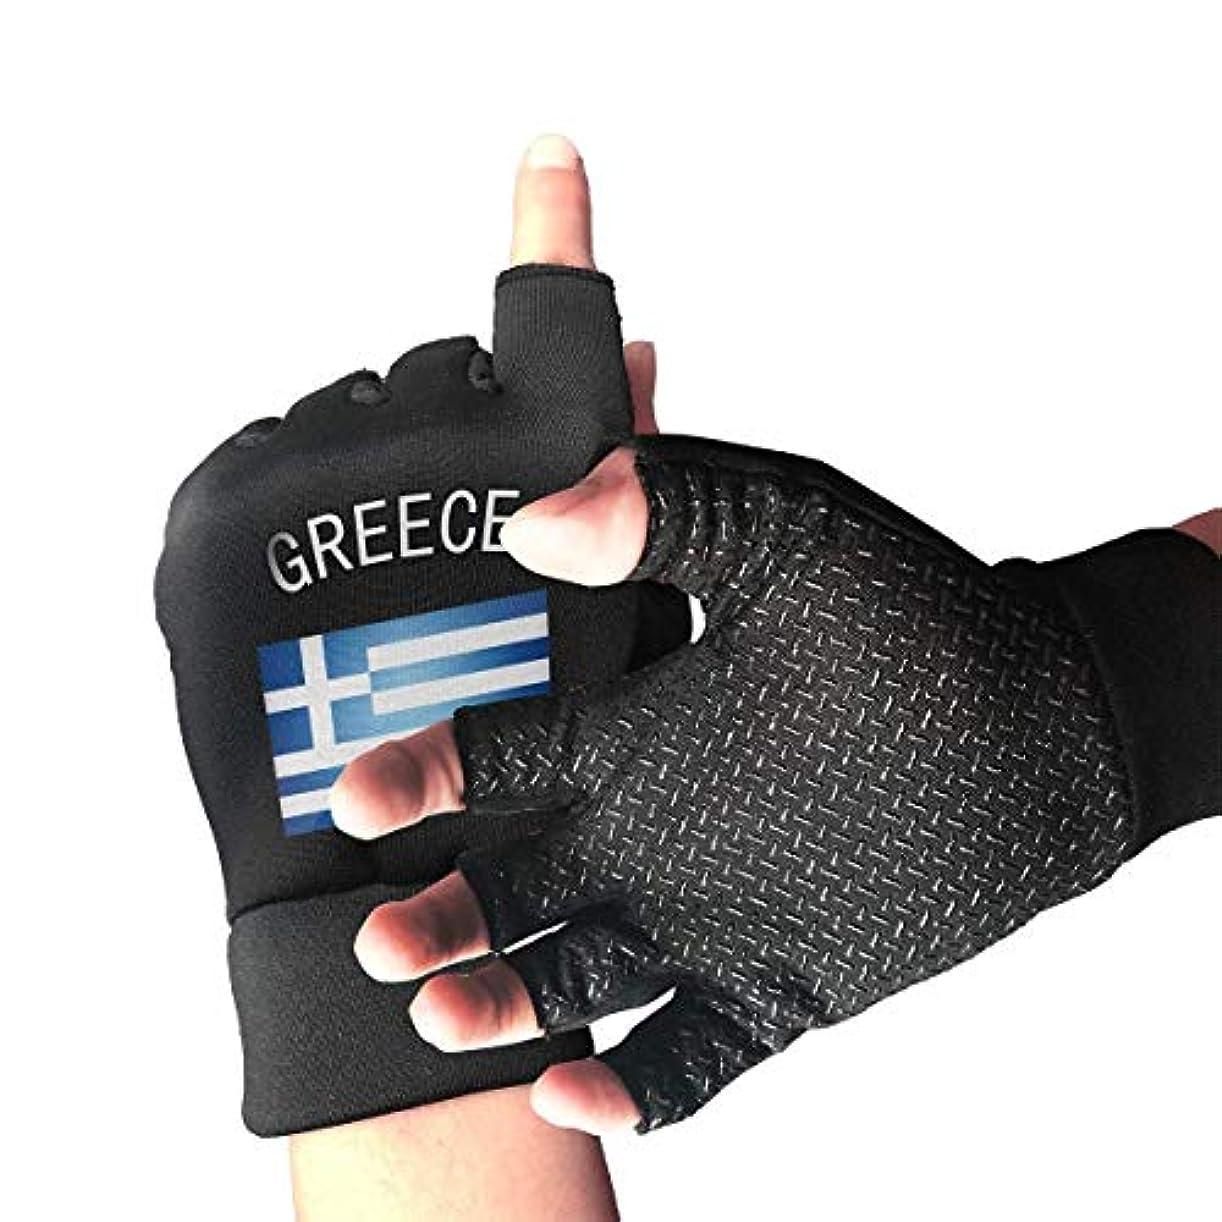 レジデンス俳優カリングギリシャギリシャの国旗フィンガーレス/ハーフフィンガーグローブ自転車用グローブ/サイクリングマウンテングローブ/滑り止め衝撃吸収通気性メンズ/レディースグローブ